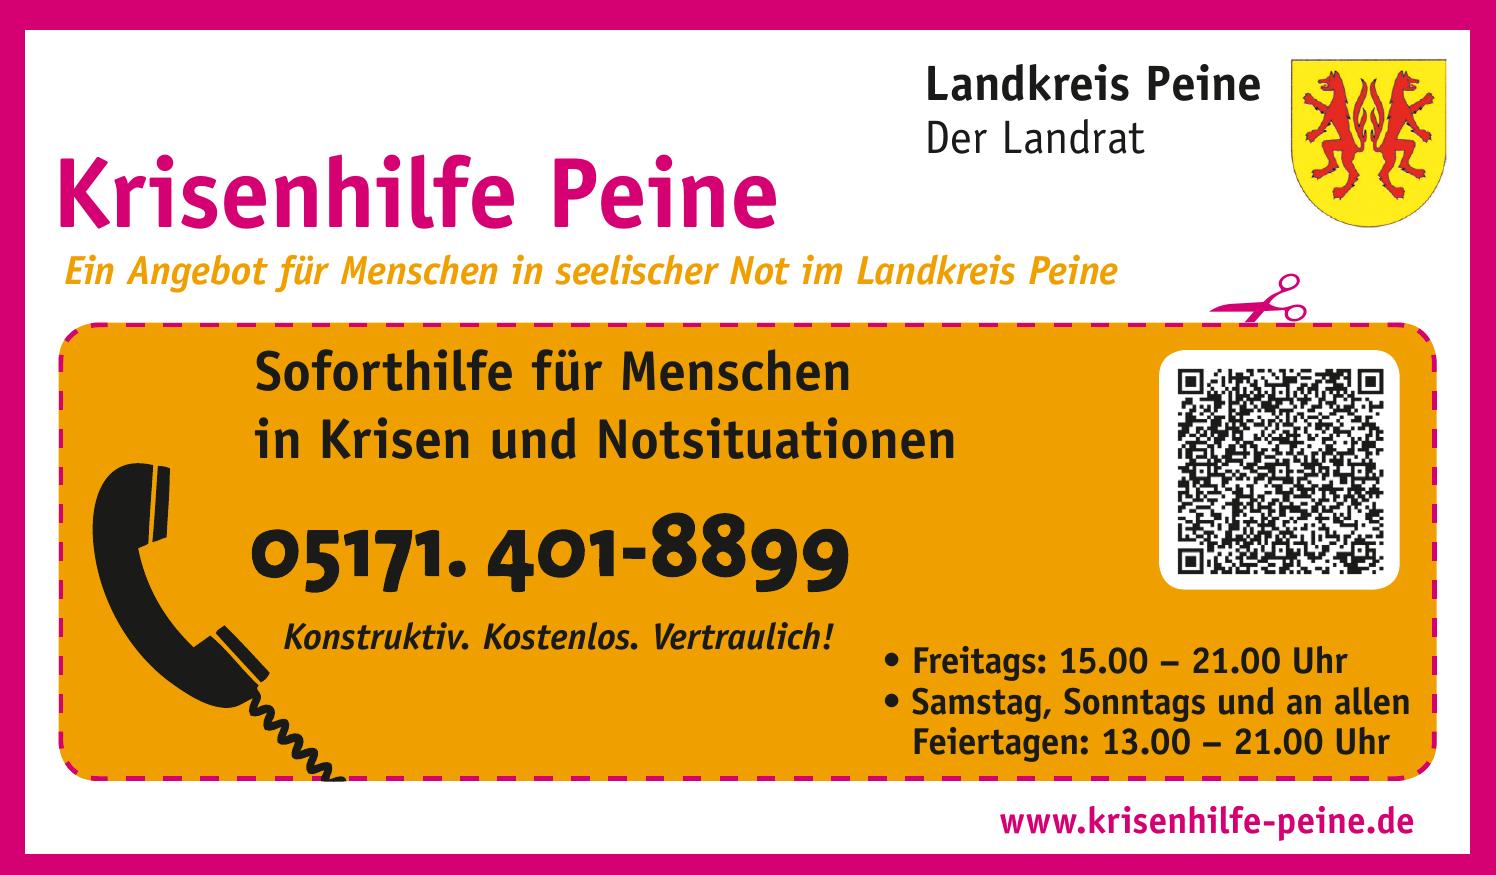 Krisenhilfe Peine - Landkreis Peine, Der Landrat